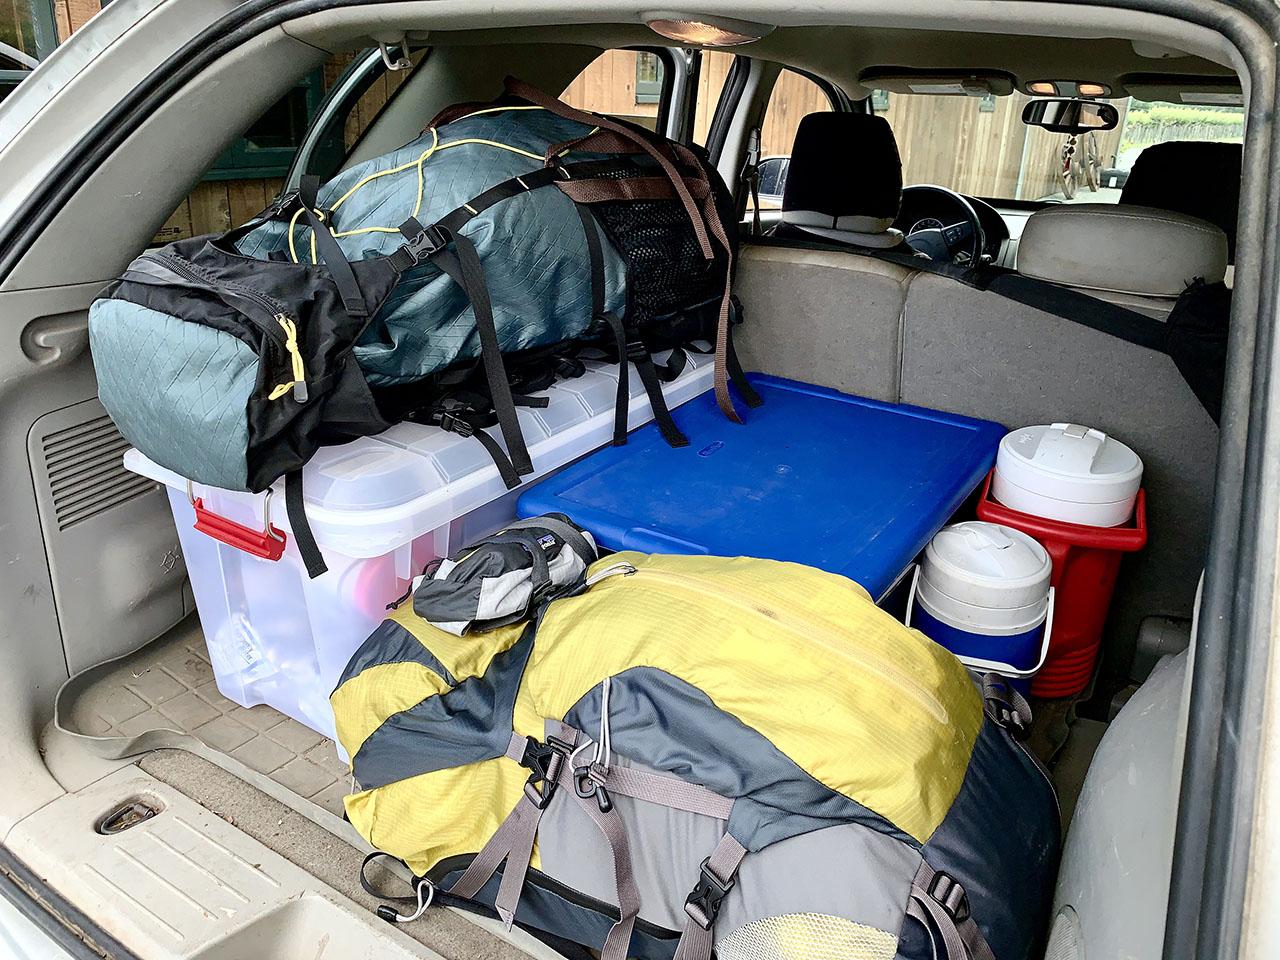 Missy & Austin's Car